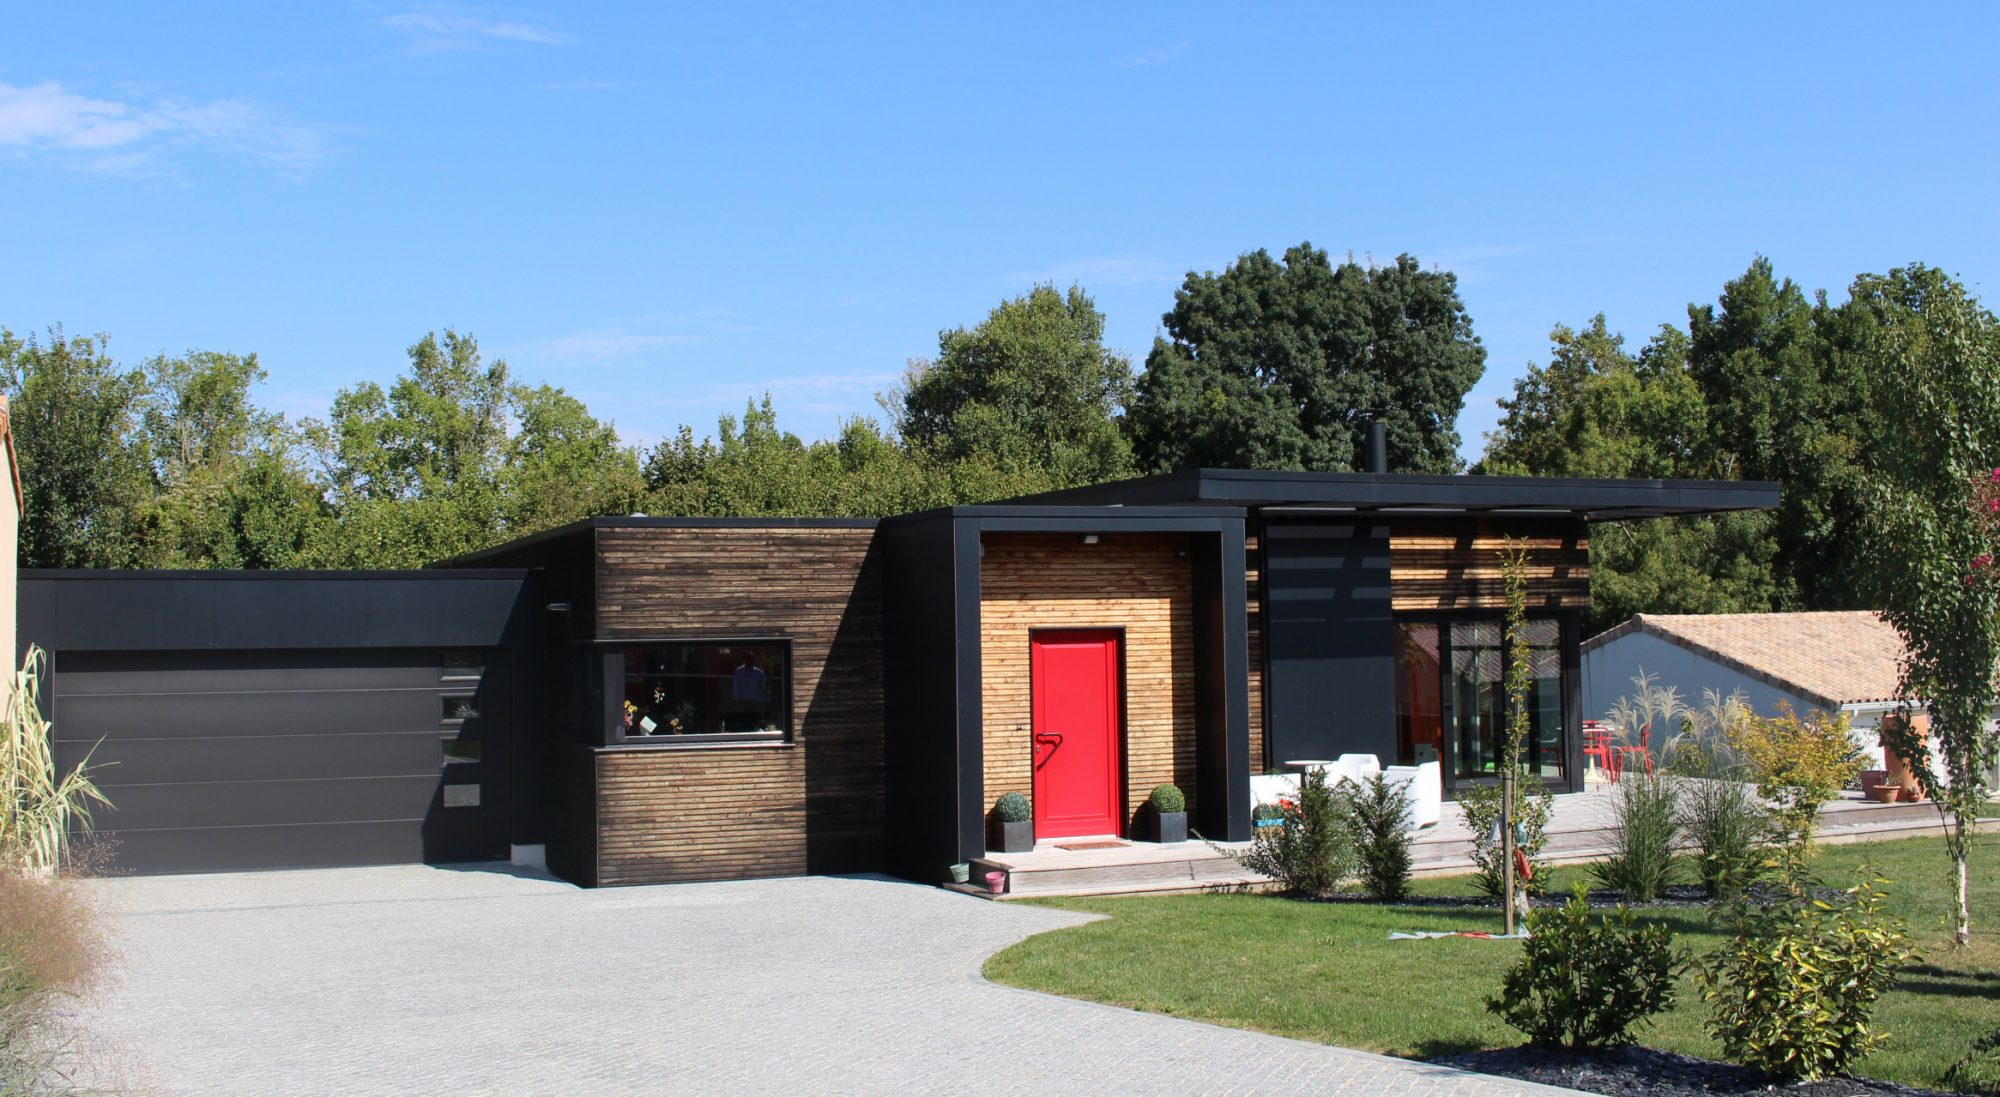 Les maisons de la touvre constructeur agr maisons de for Constructeur de maison forum